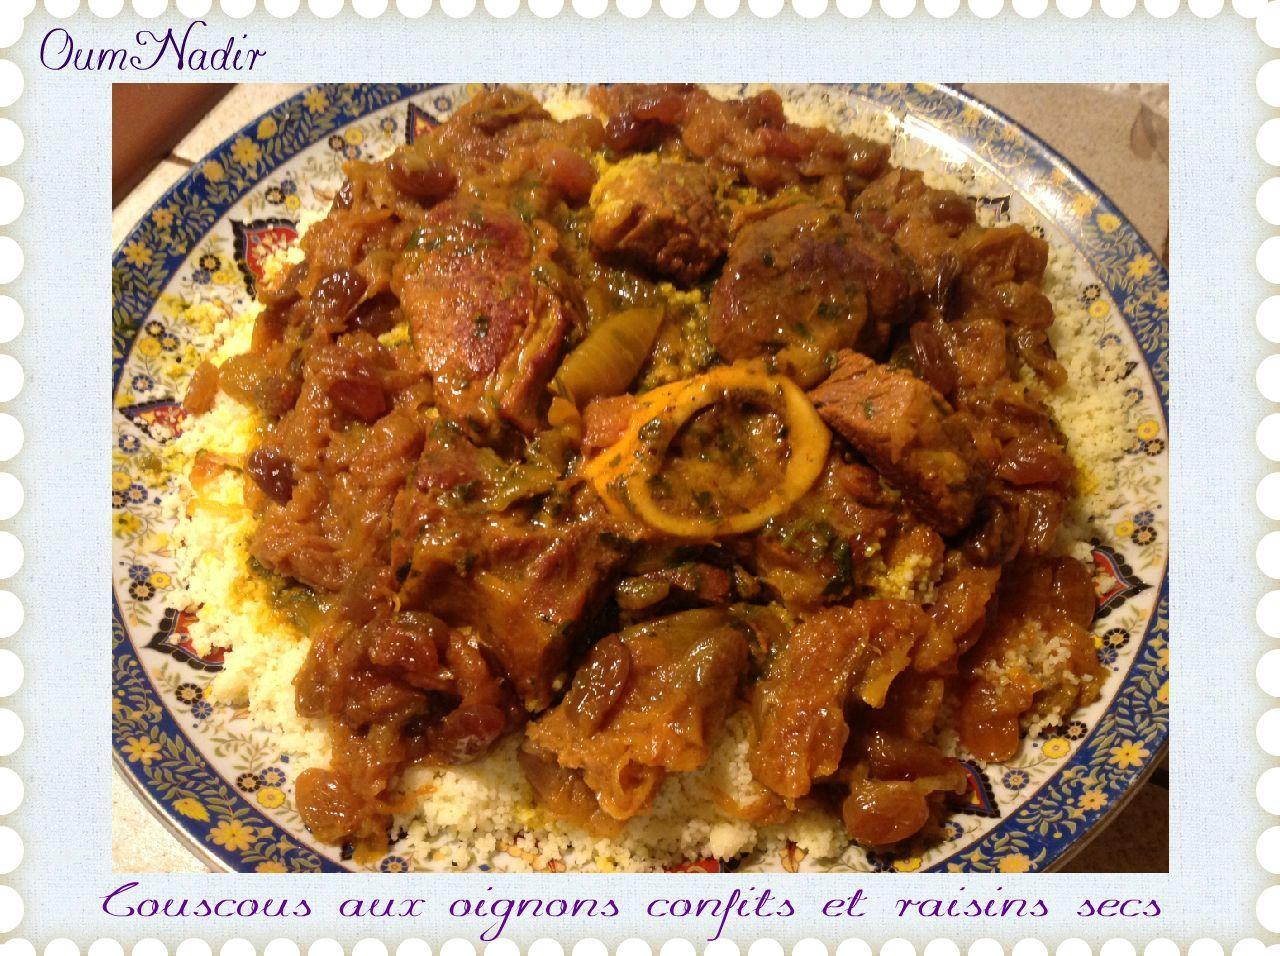 Cuisine alg rienne album photos les d lices d 39 oum nadir for Algerienne cuisine